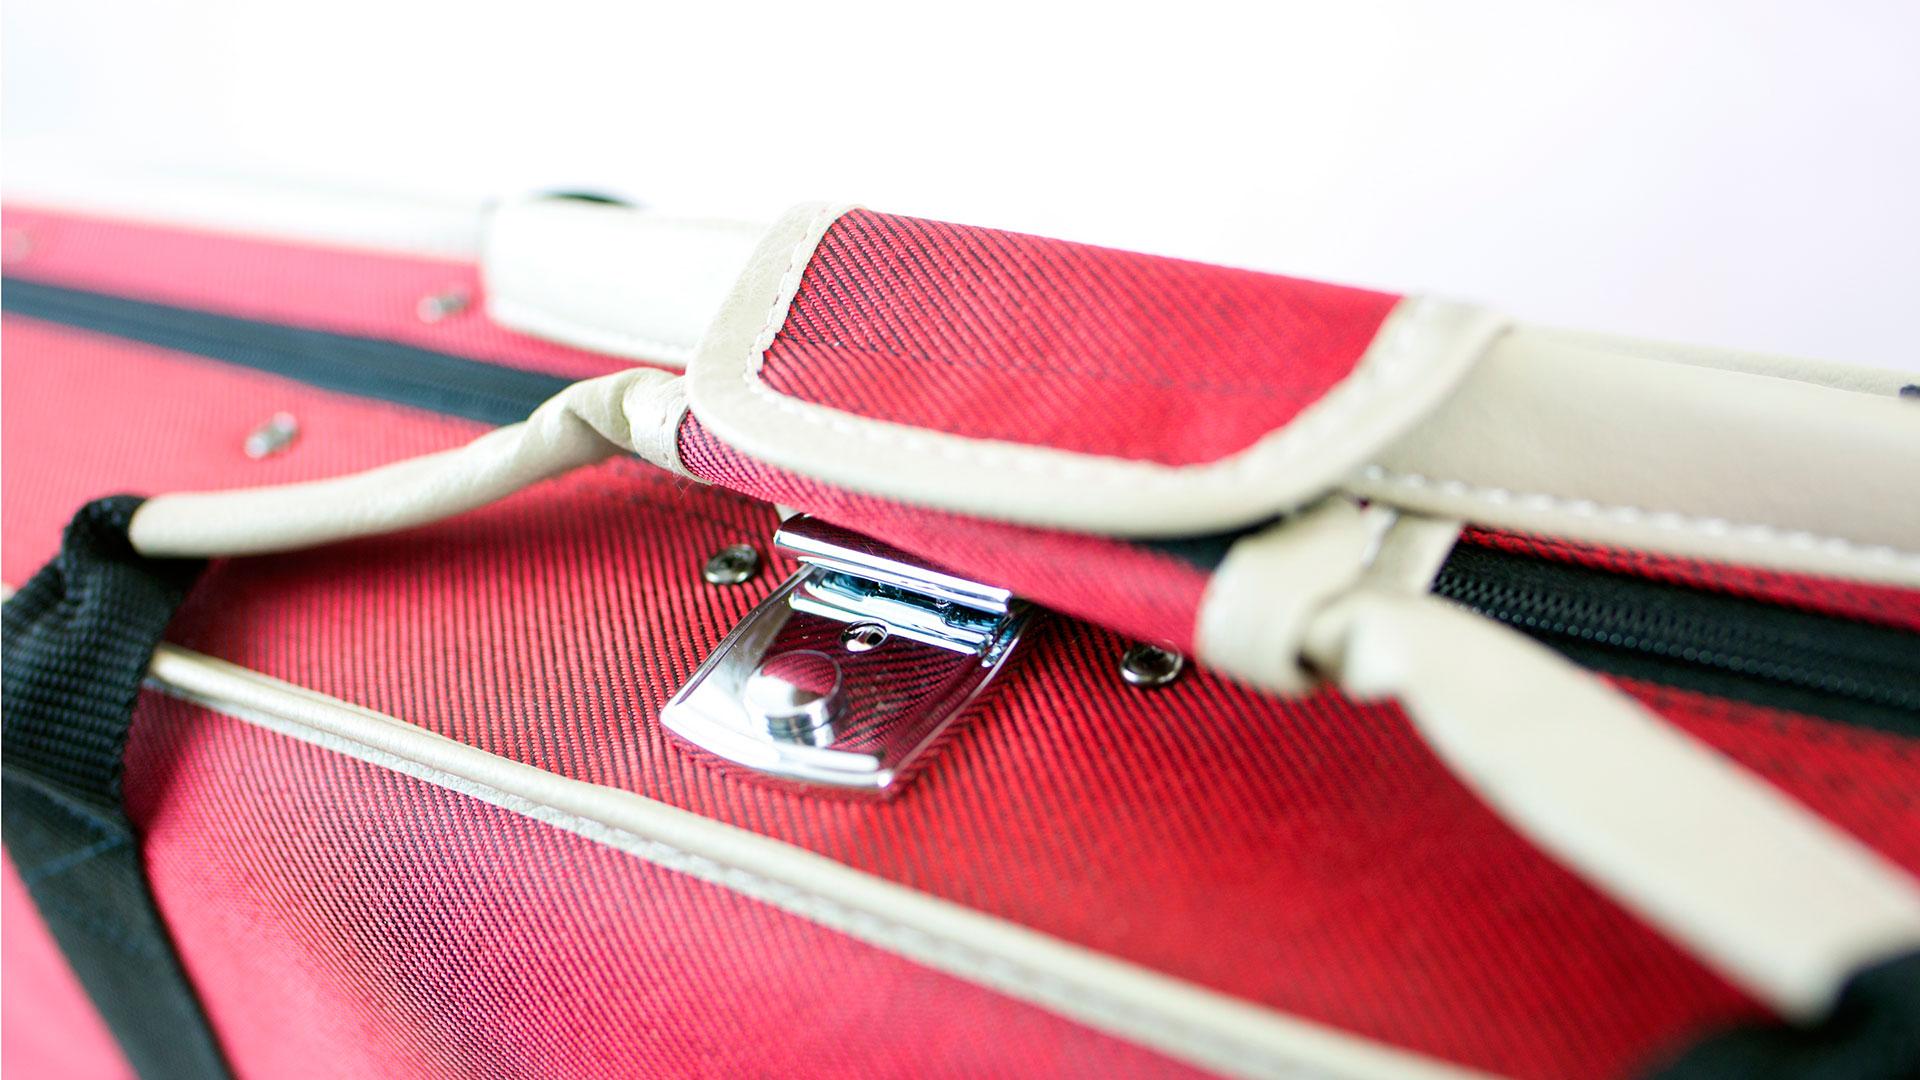 Custodia per violino Deluxe red (maniglia laterale)